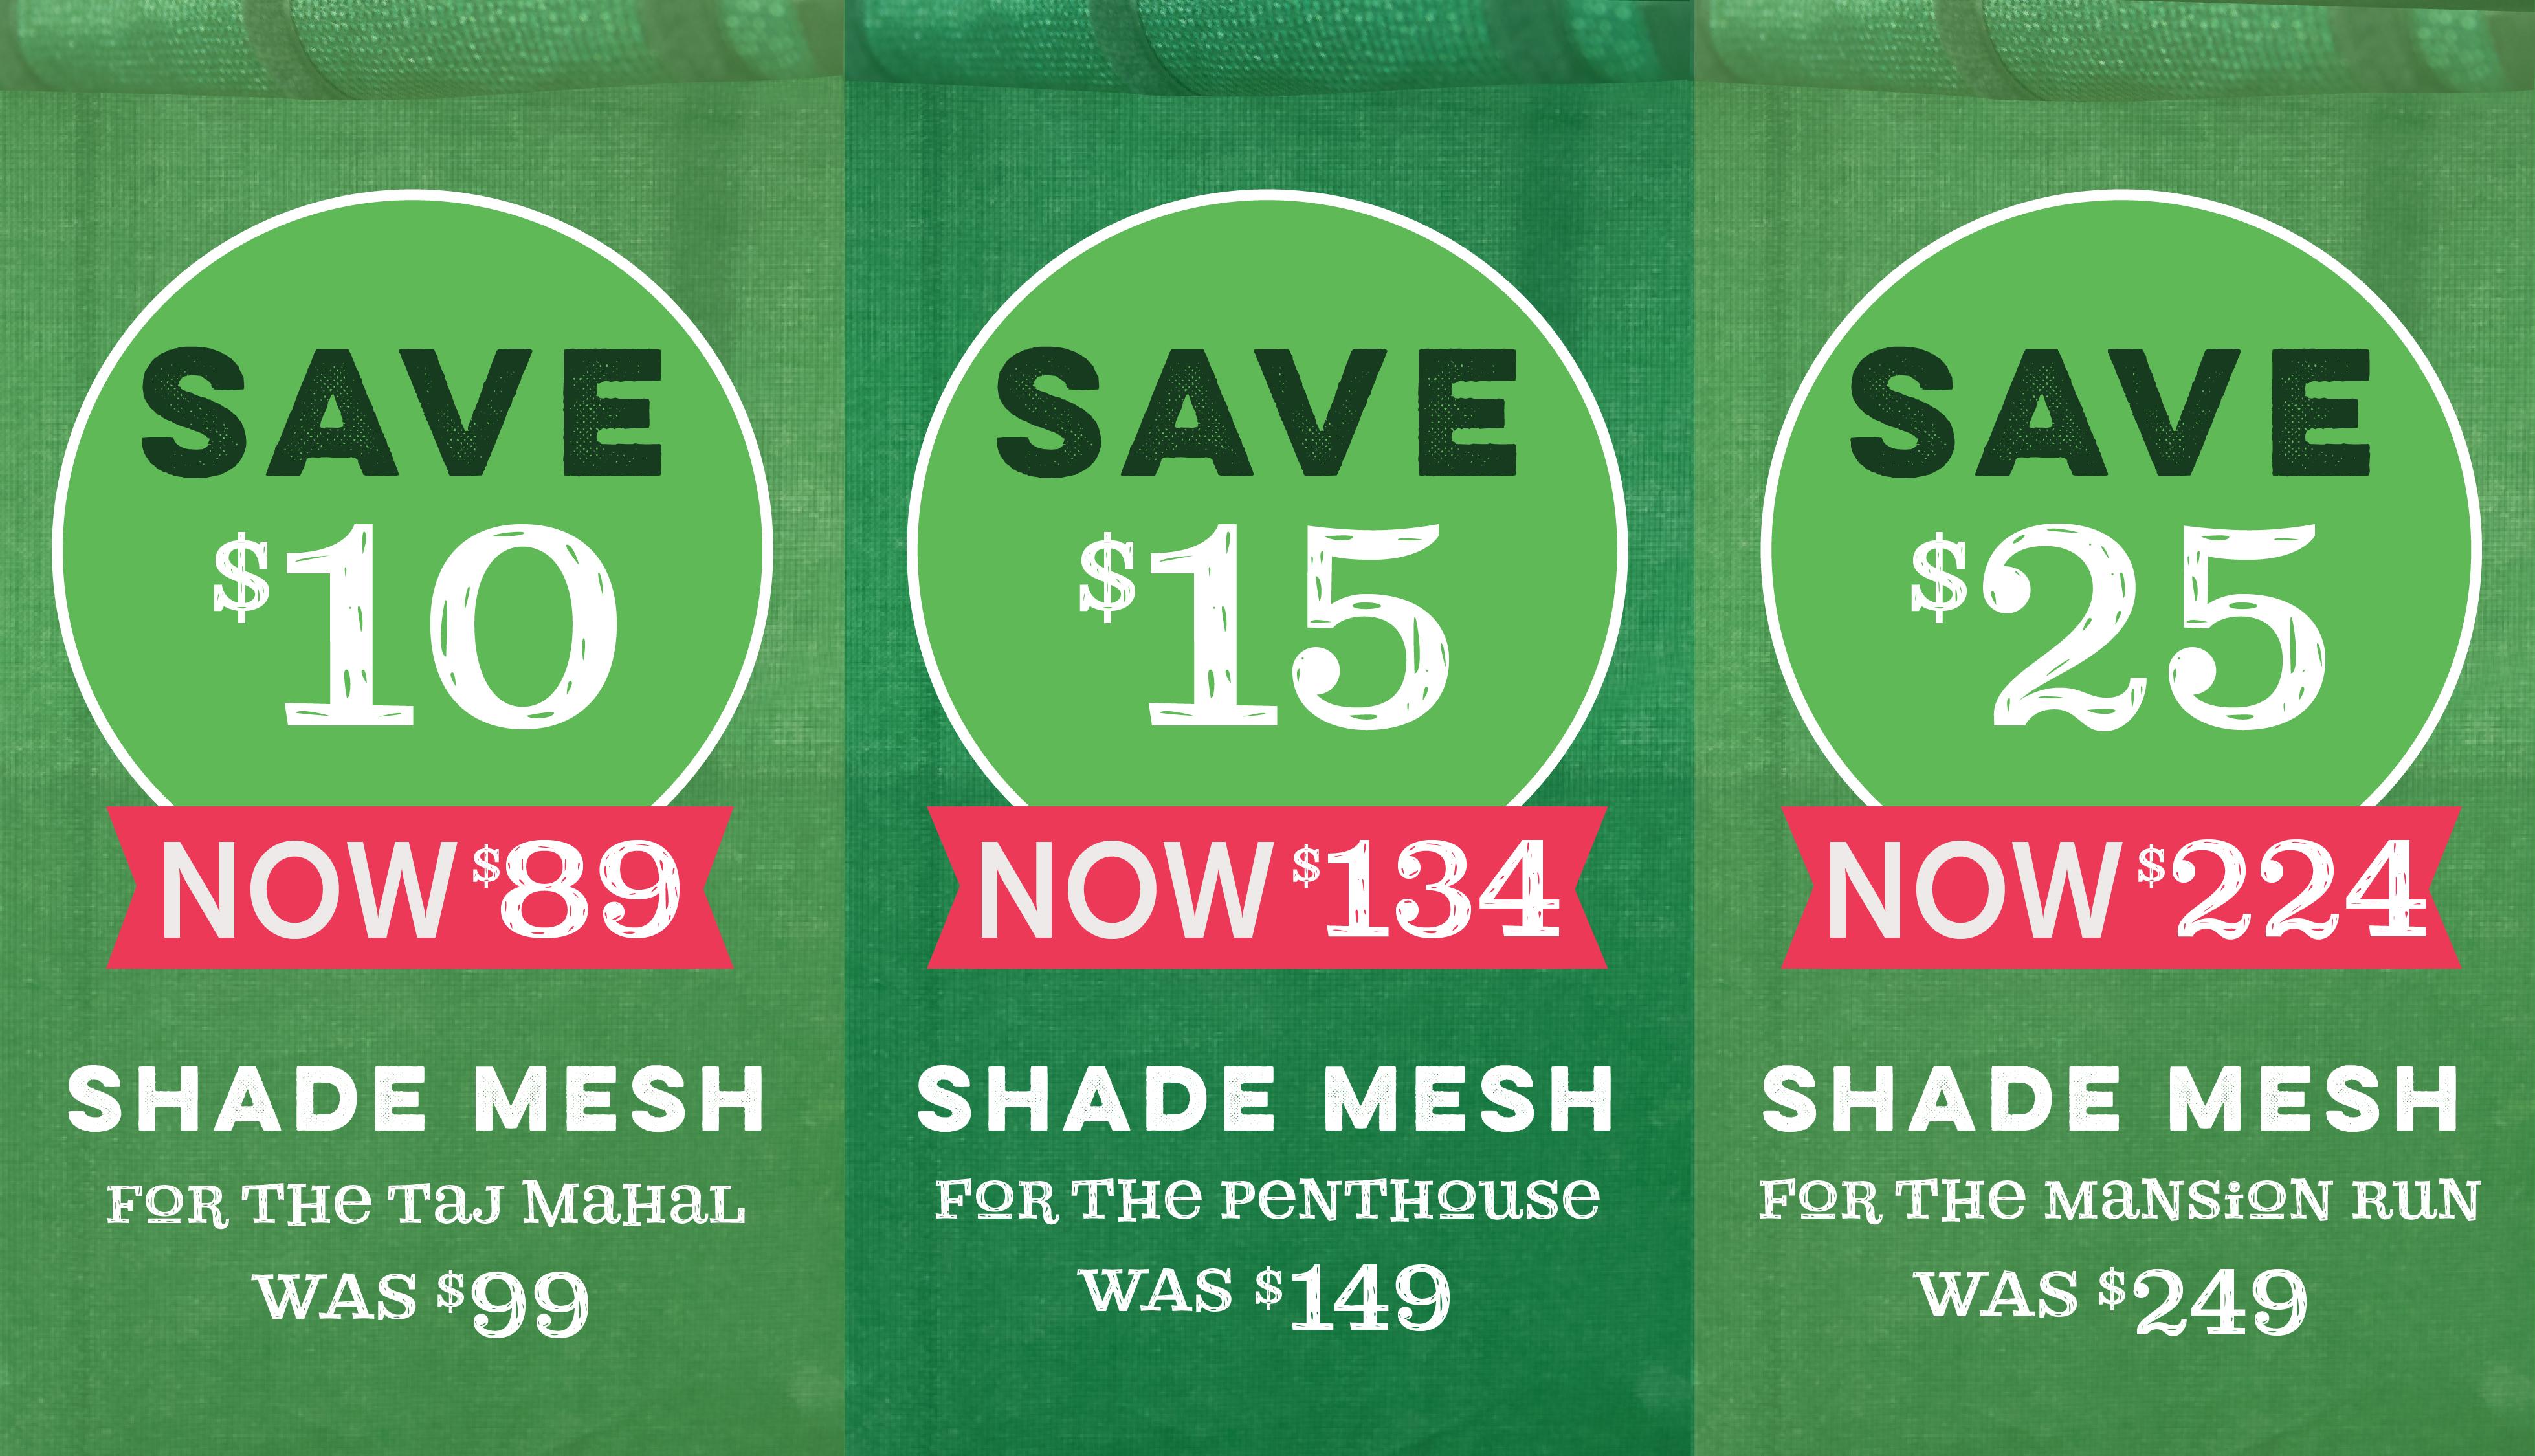 chicken coop shade mesh savings sale